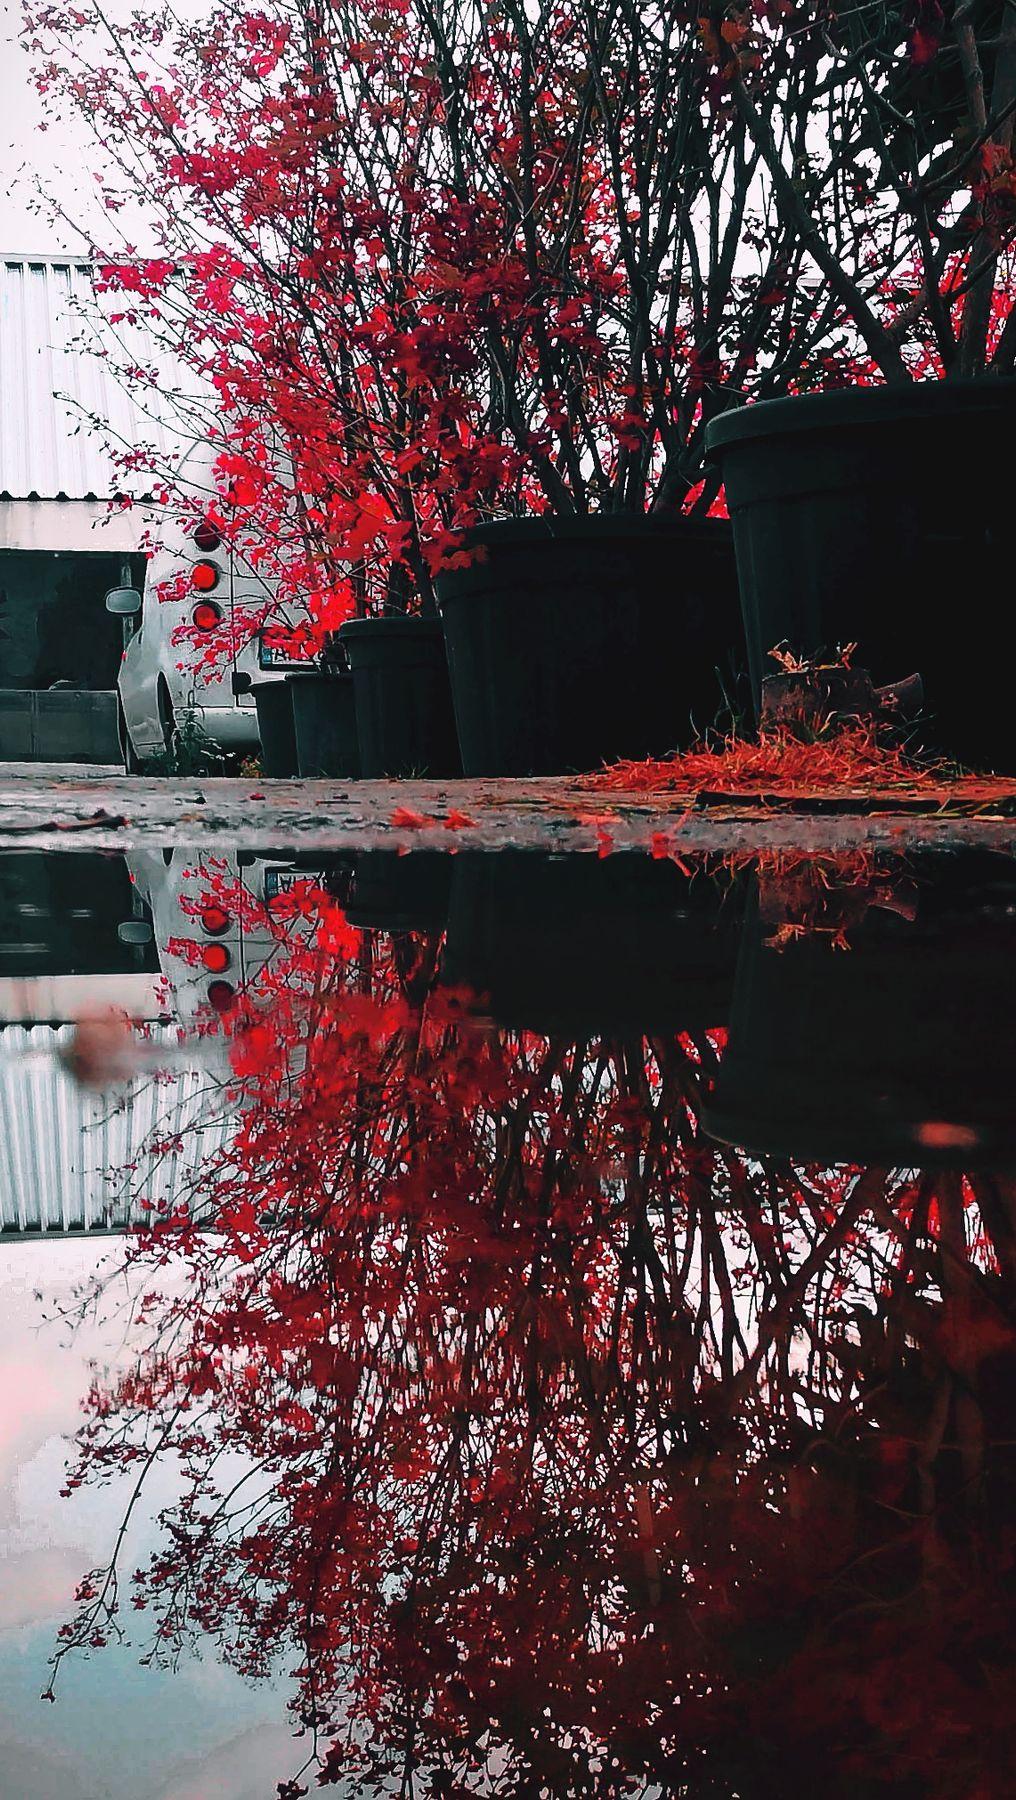 Ланос в листьях сакуры на отшибе токио(нет) ланос улица лужа кусты япония сакура